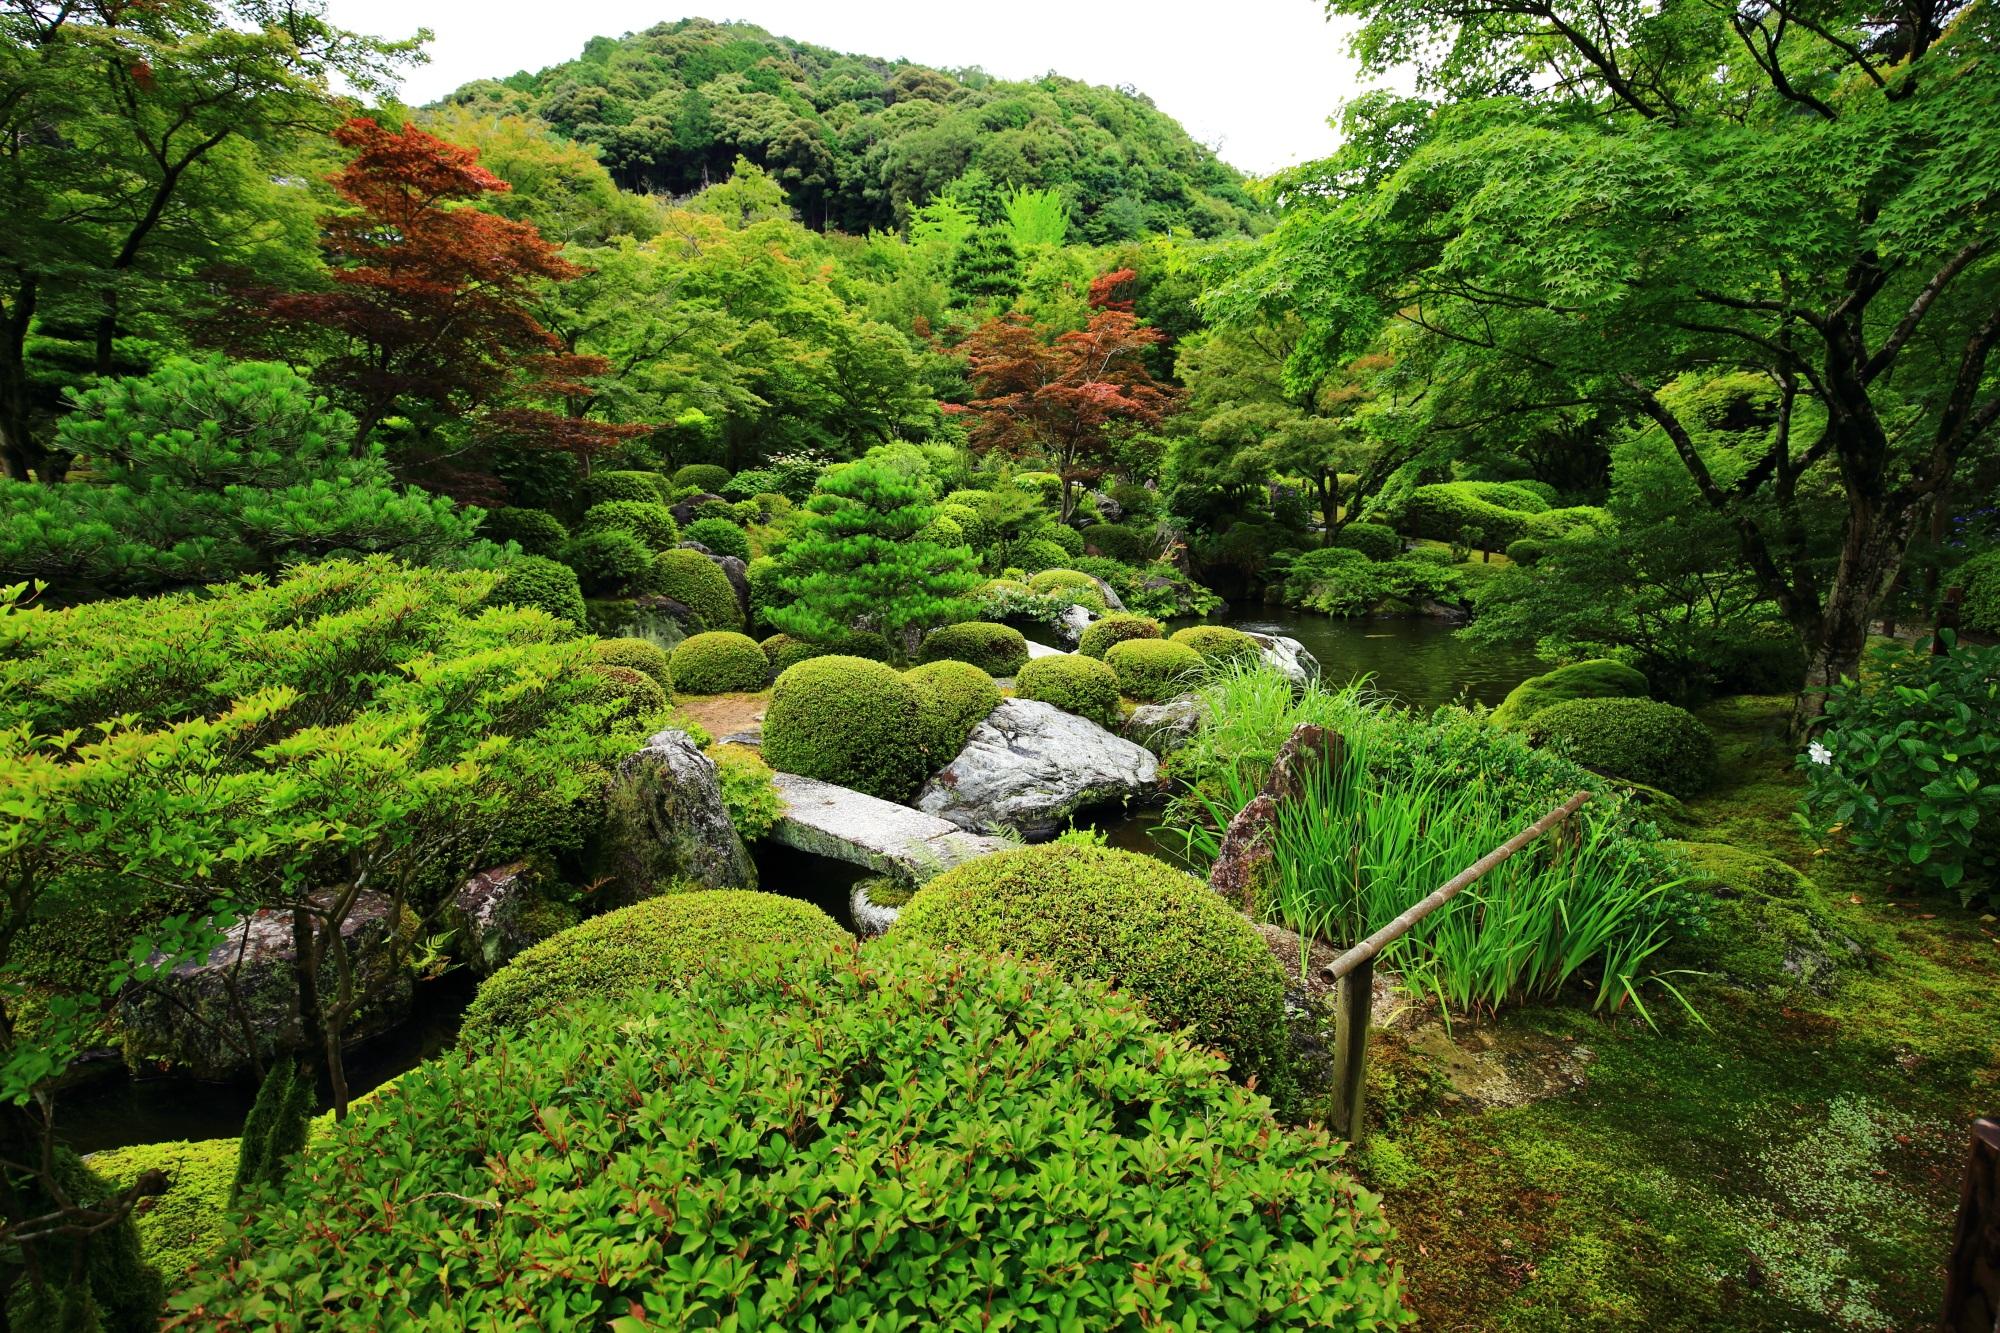 三室戸寺の美しい見事な池泉式庭園